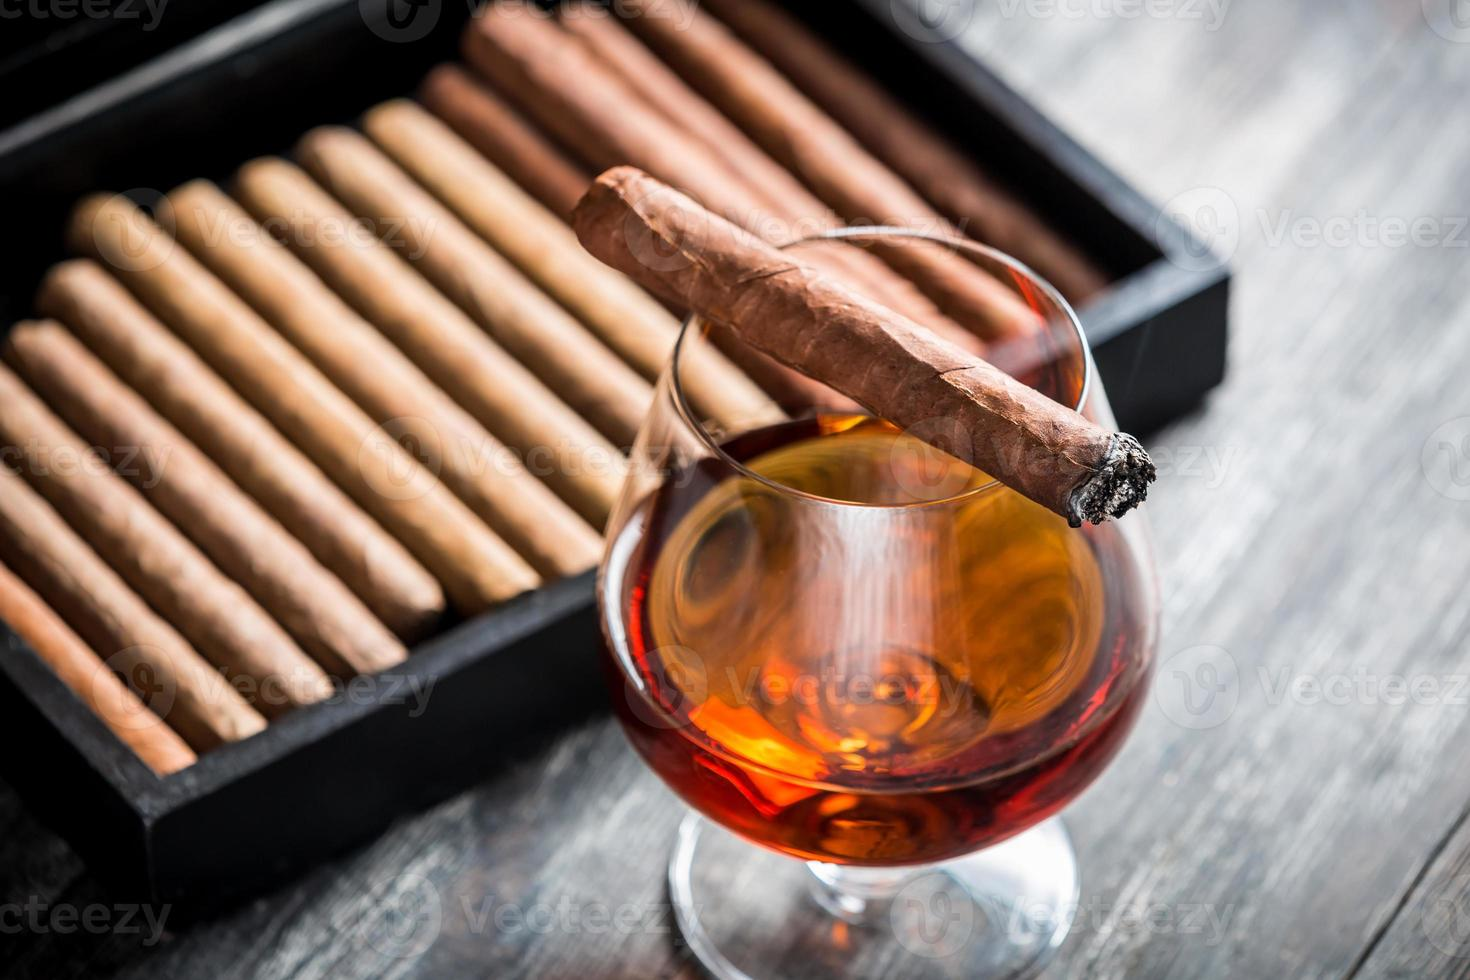 brennende Zigarre auf Glas mit Cognac foto